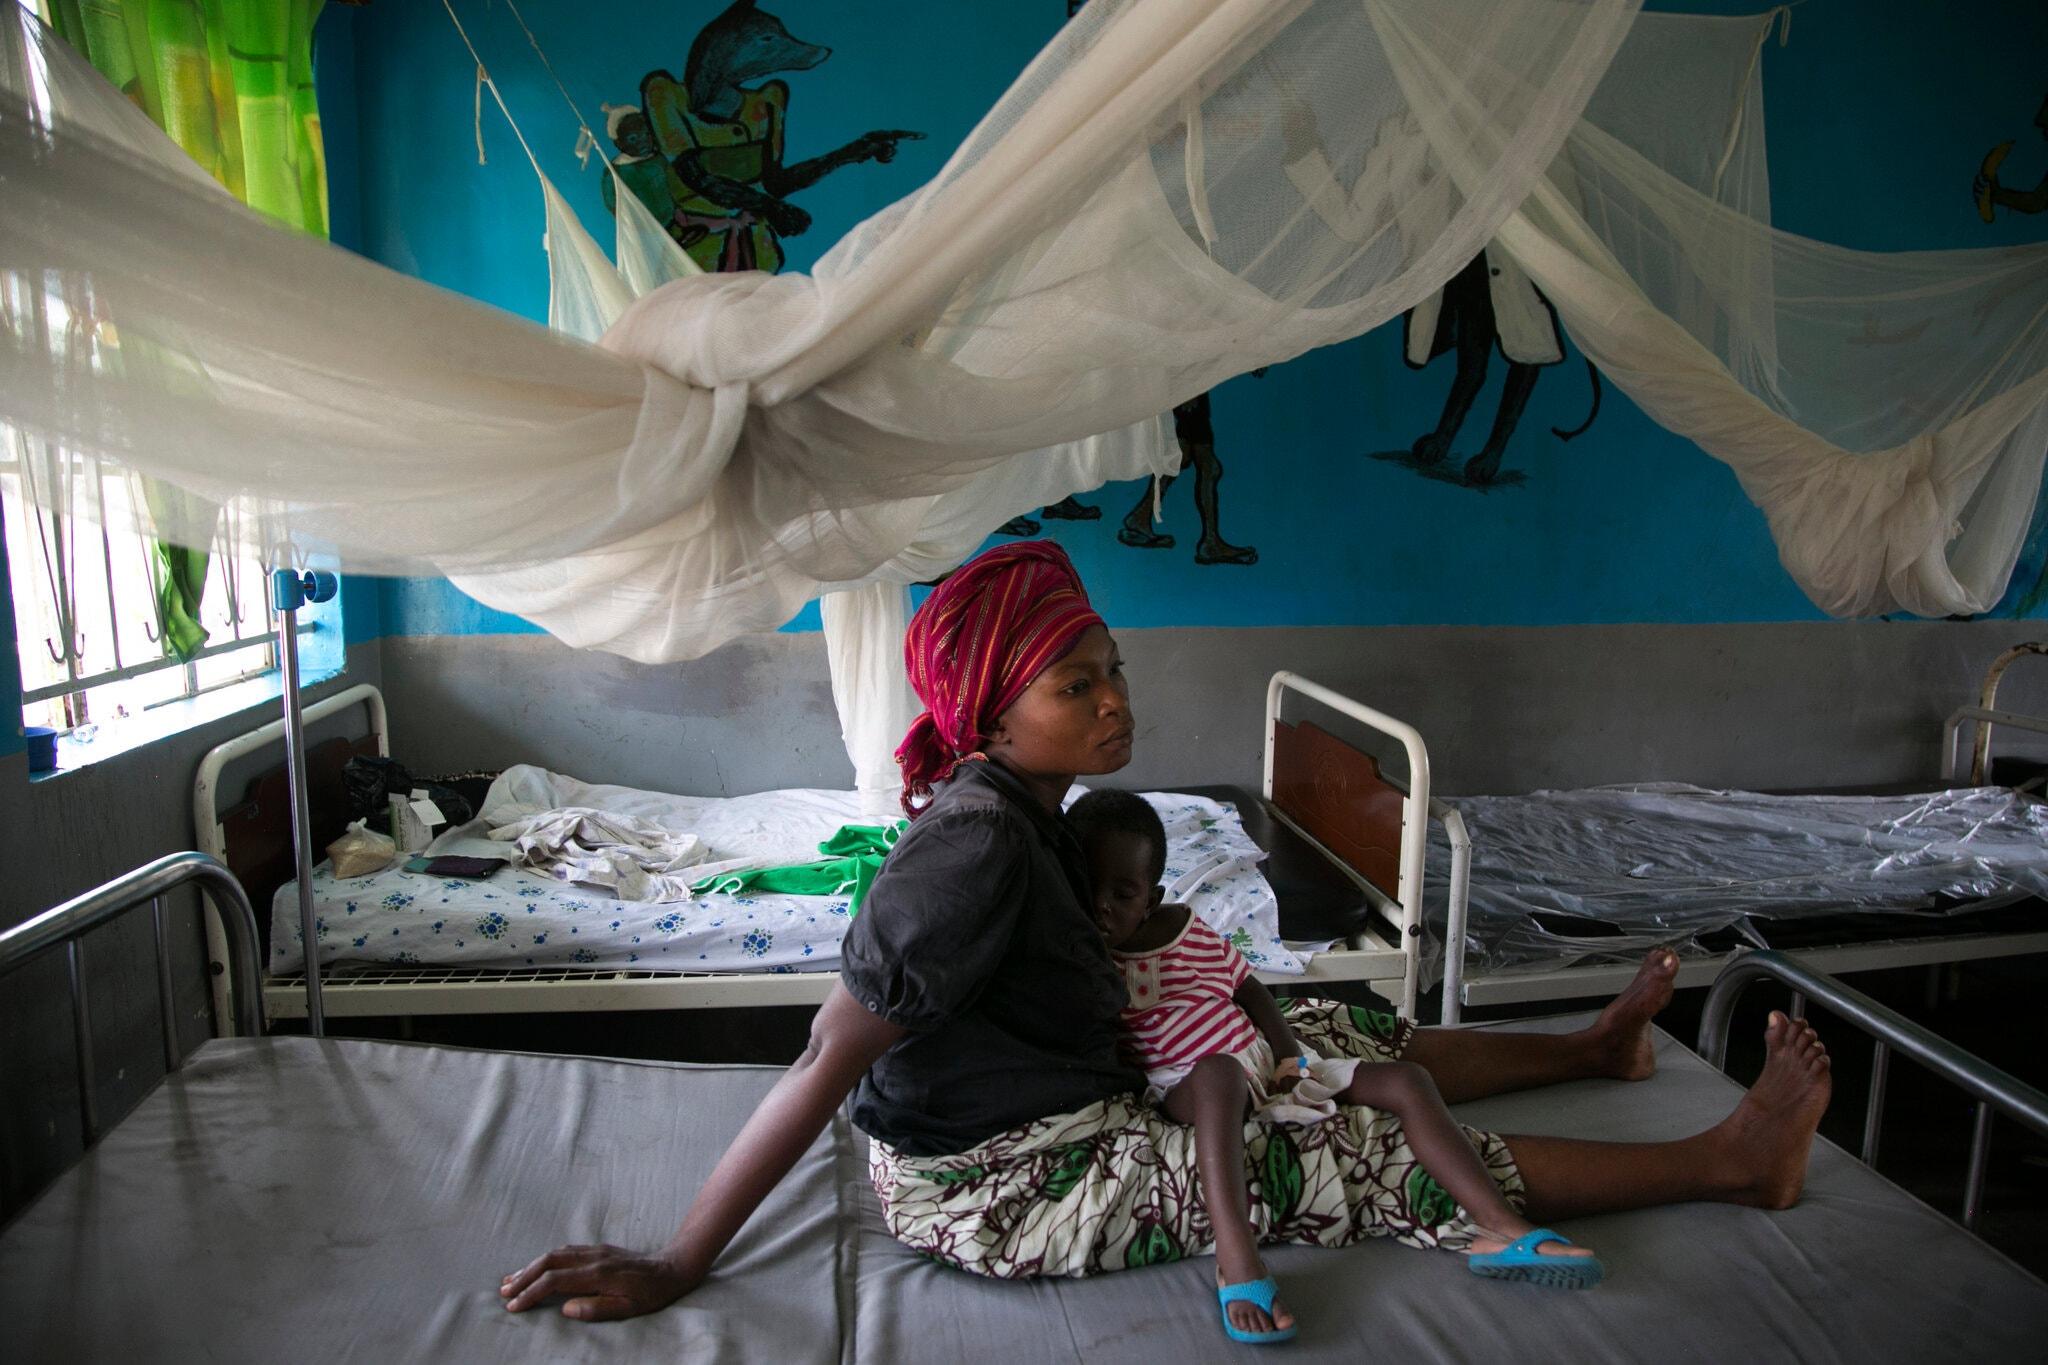 جامعة أكسفورد طوّرت لقاحا جديدا ضد الملاريا